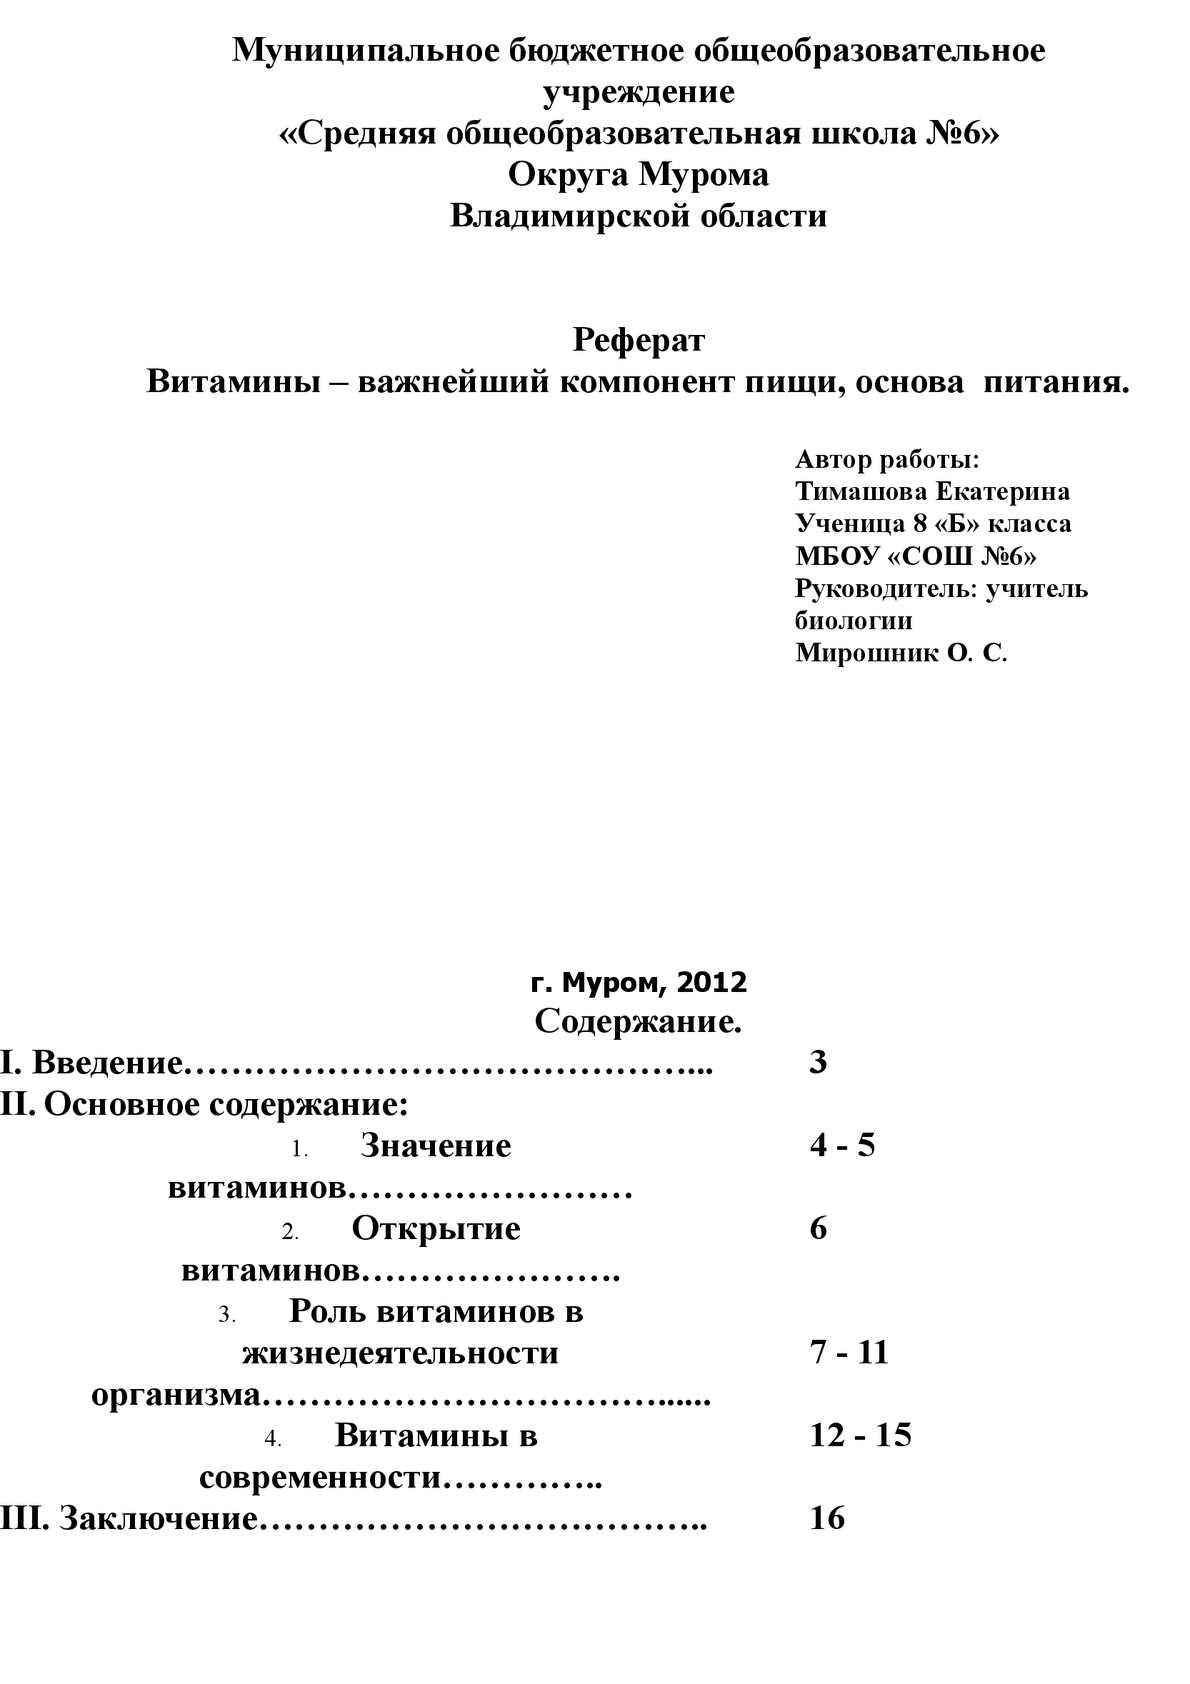 Реферат по биологии фосфолипиды 1495